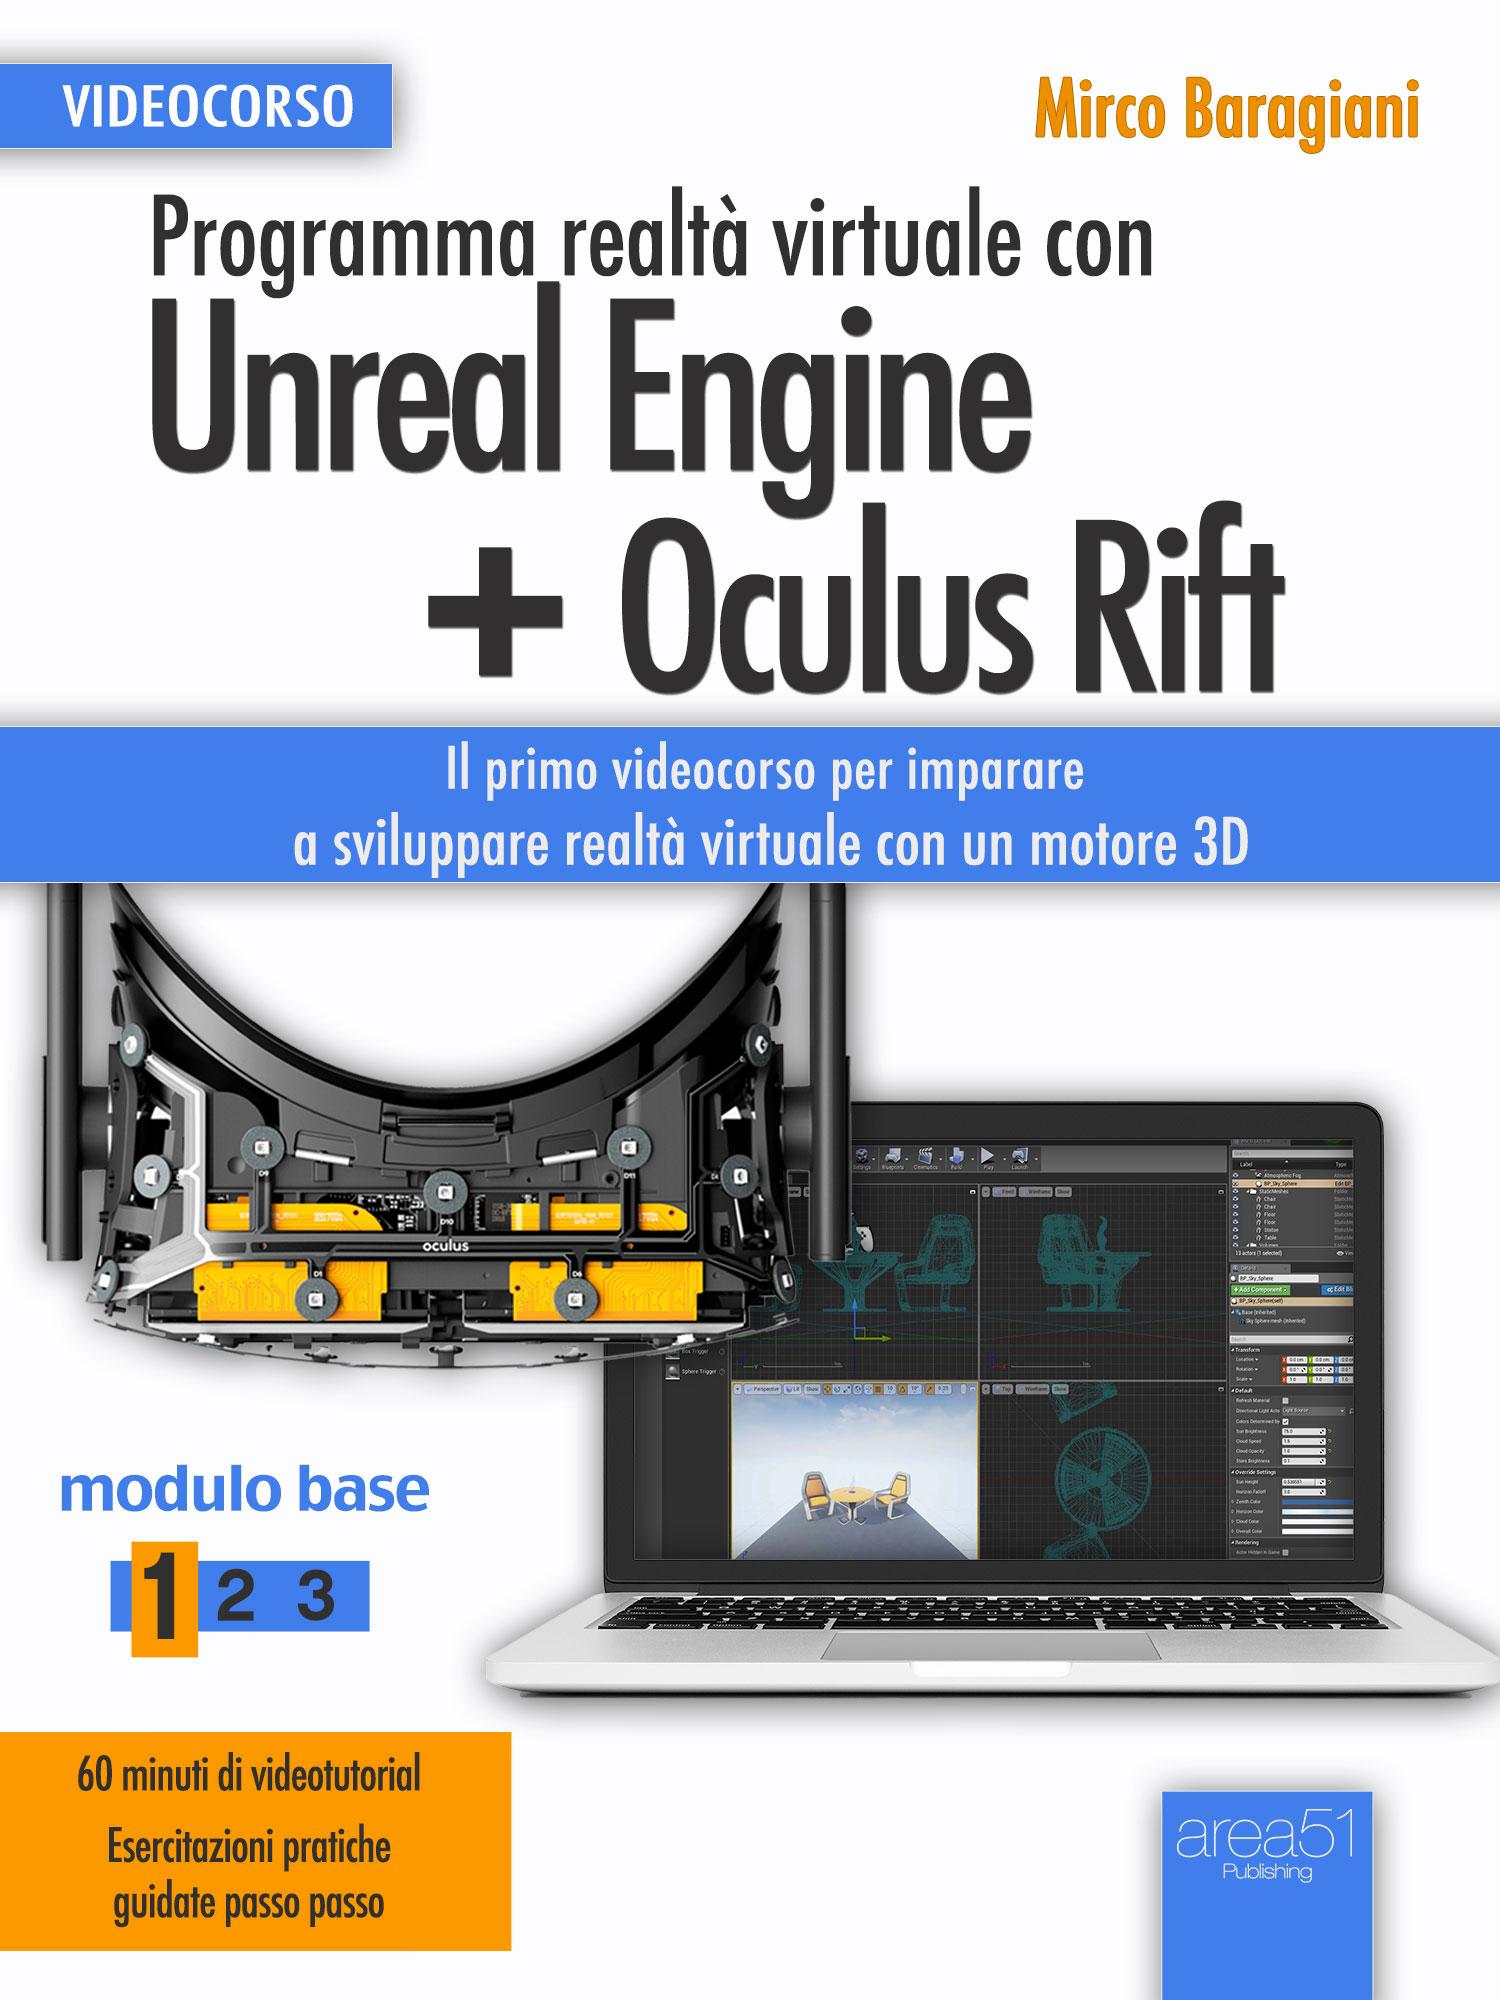 Programma realtà virtuale con Unreal Engine + Oculus Rift. Videocorso Modulo base vol1-0